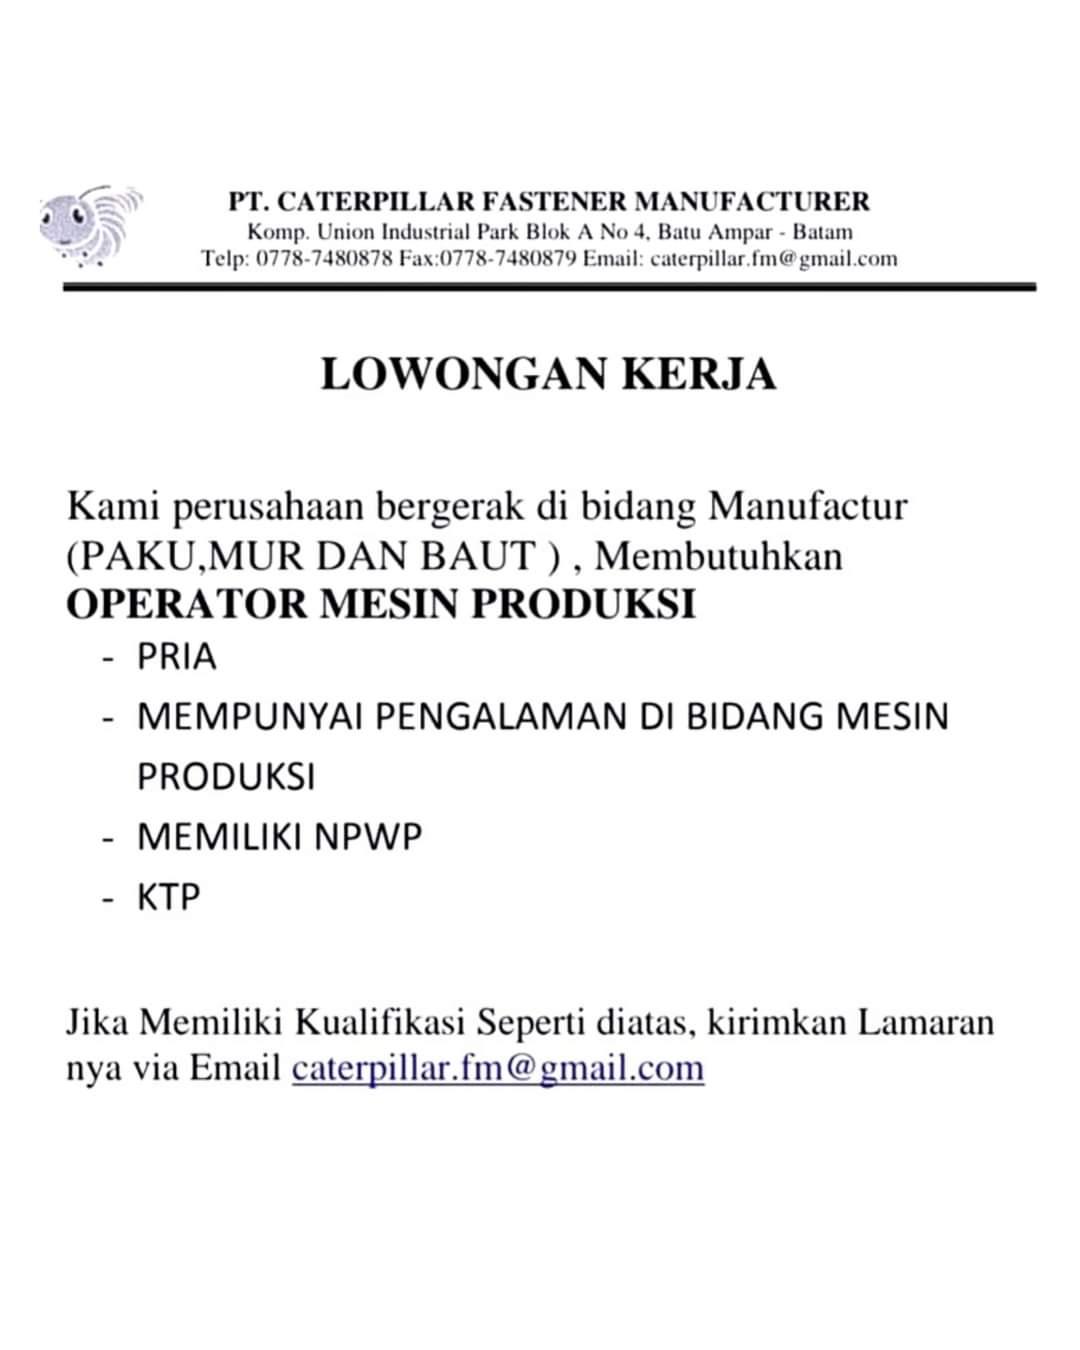 Lowongan Kerja Batam Pt Caterpillar Fastener Manufacture 22 12 2020 Lowongan Kerja Batam Terbaru Hari Ini 2020